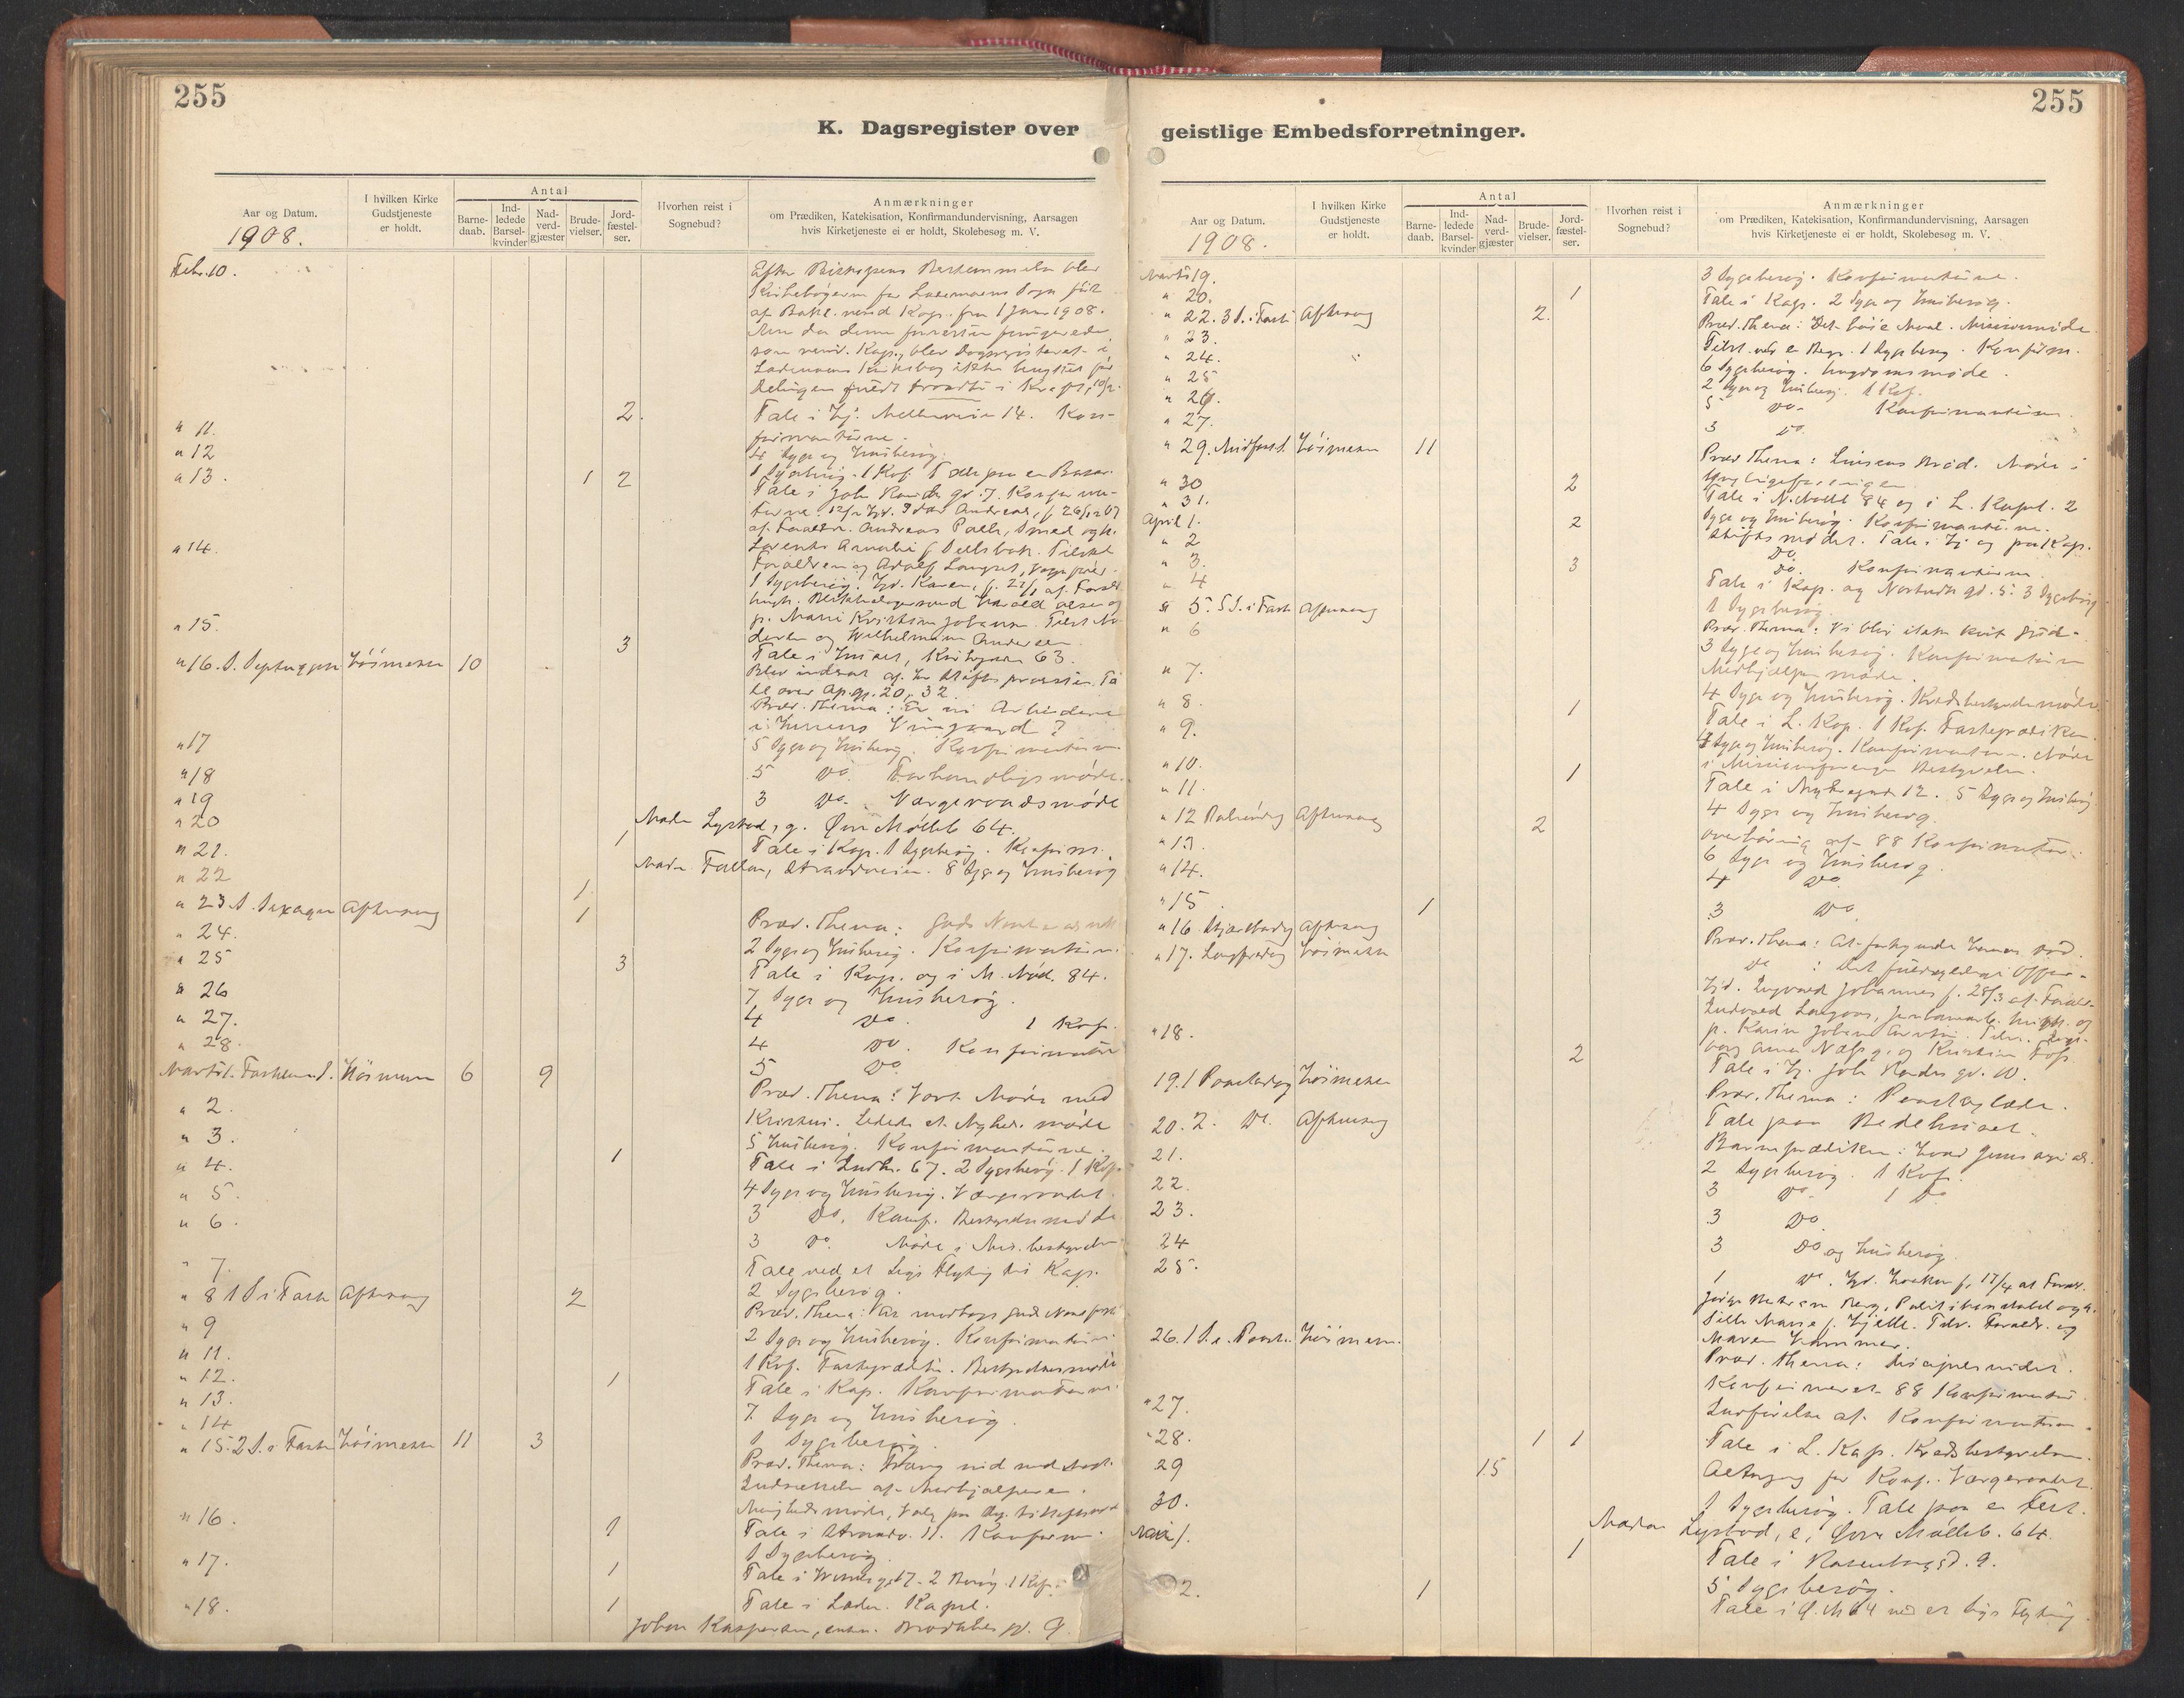 SAT, Ministerialprotokoller, klokkerbøker og fødselsregistre - Sør-Trøndelag, 605/L0244: Ministerialbok nr. 605A06, 1908-1954, s. 255